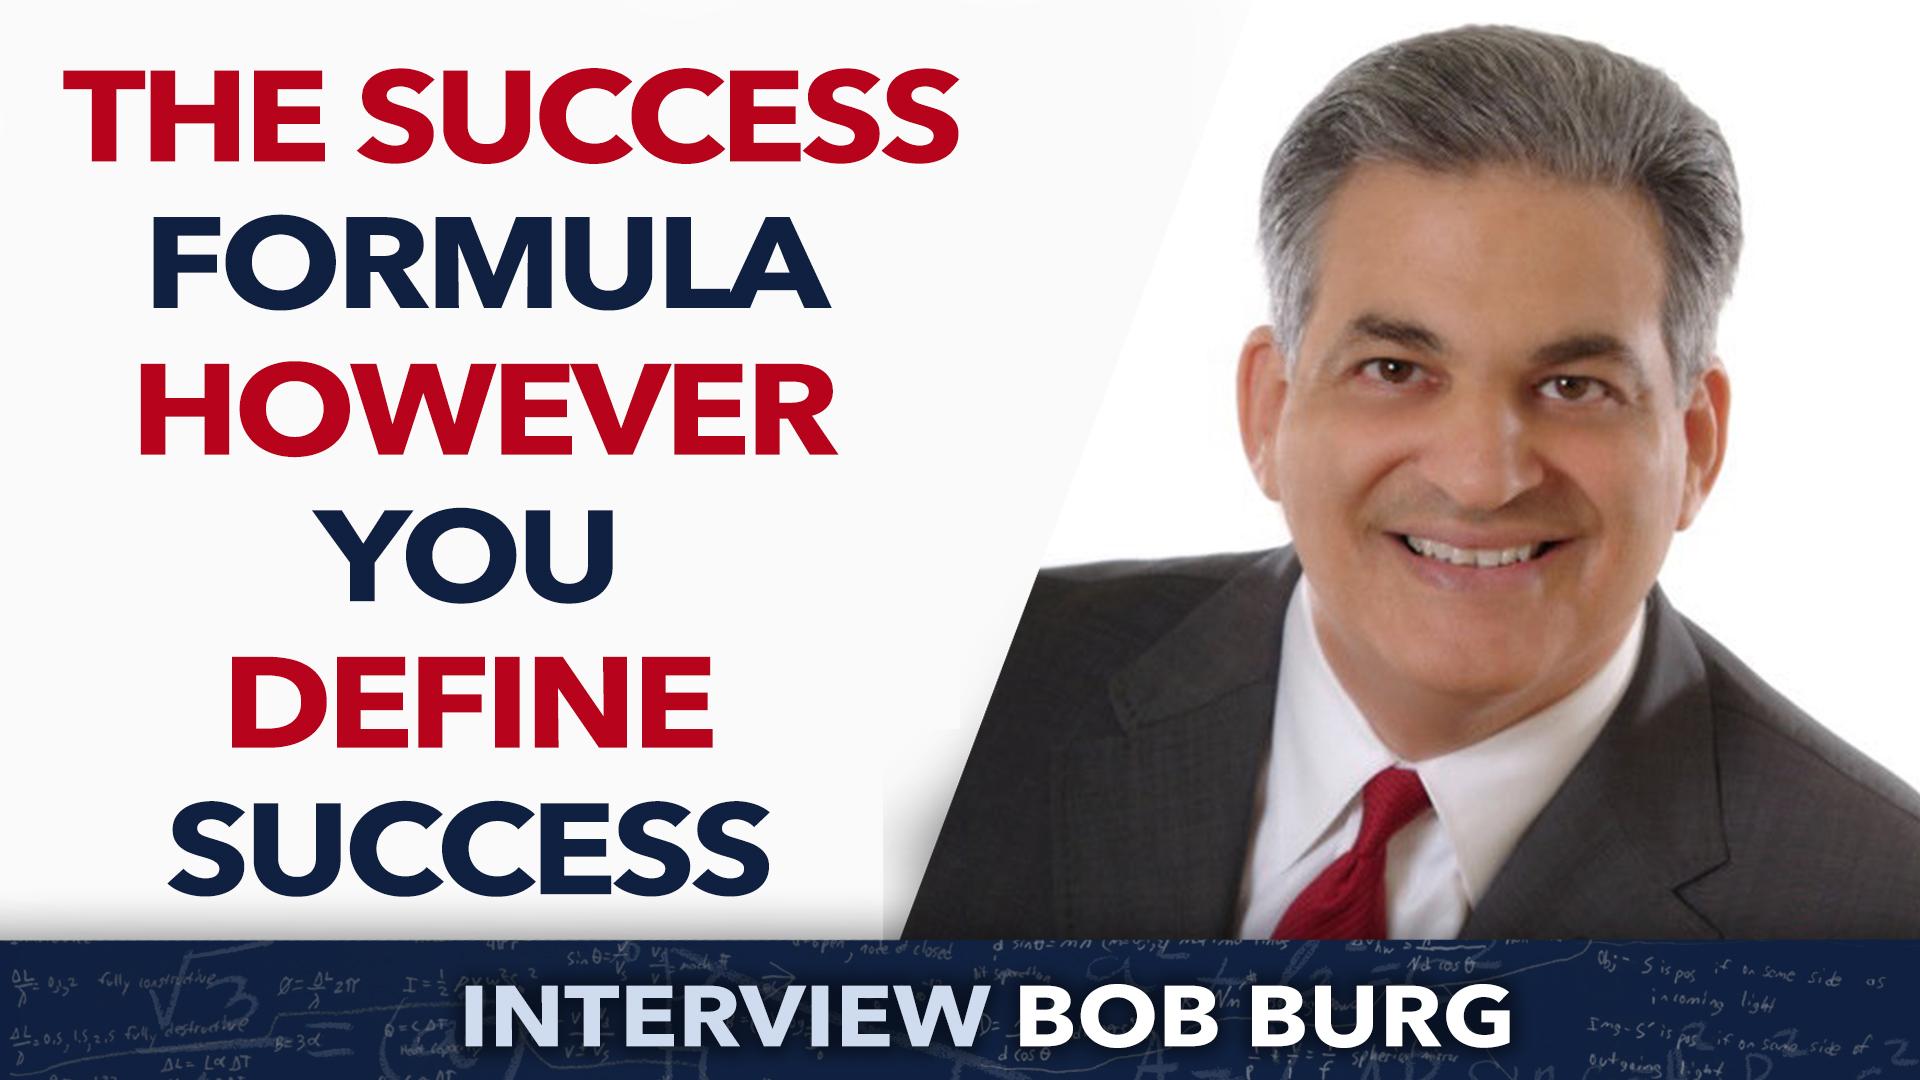 The Success Formula however you define success – Bob Burg